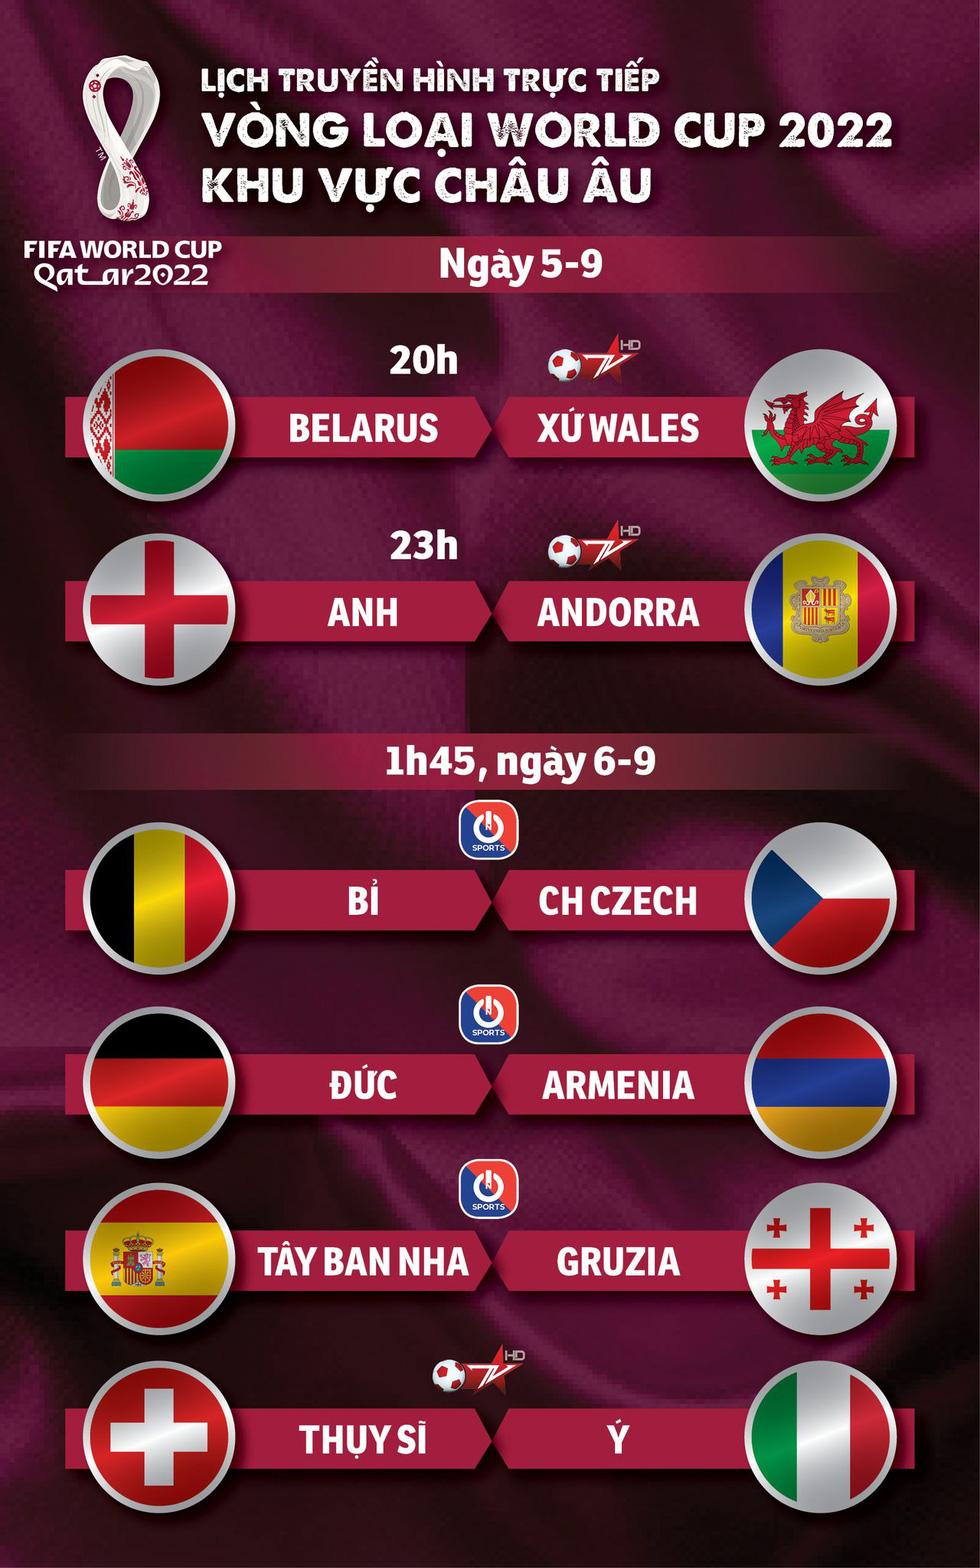 Lịch trực tiếp vòng loại World Cup 2022 khu vực châu Âu 6-9: Nhiều ông lớn thi đấu - Ảnh 1.